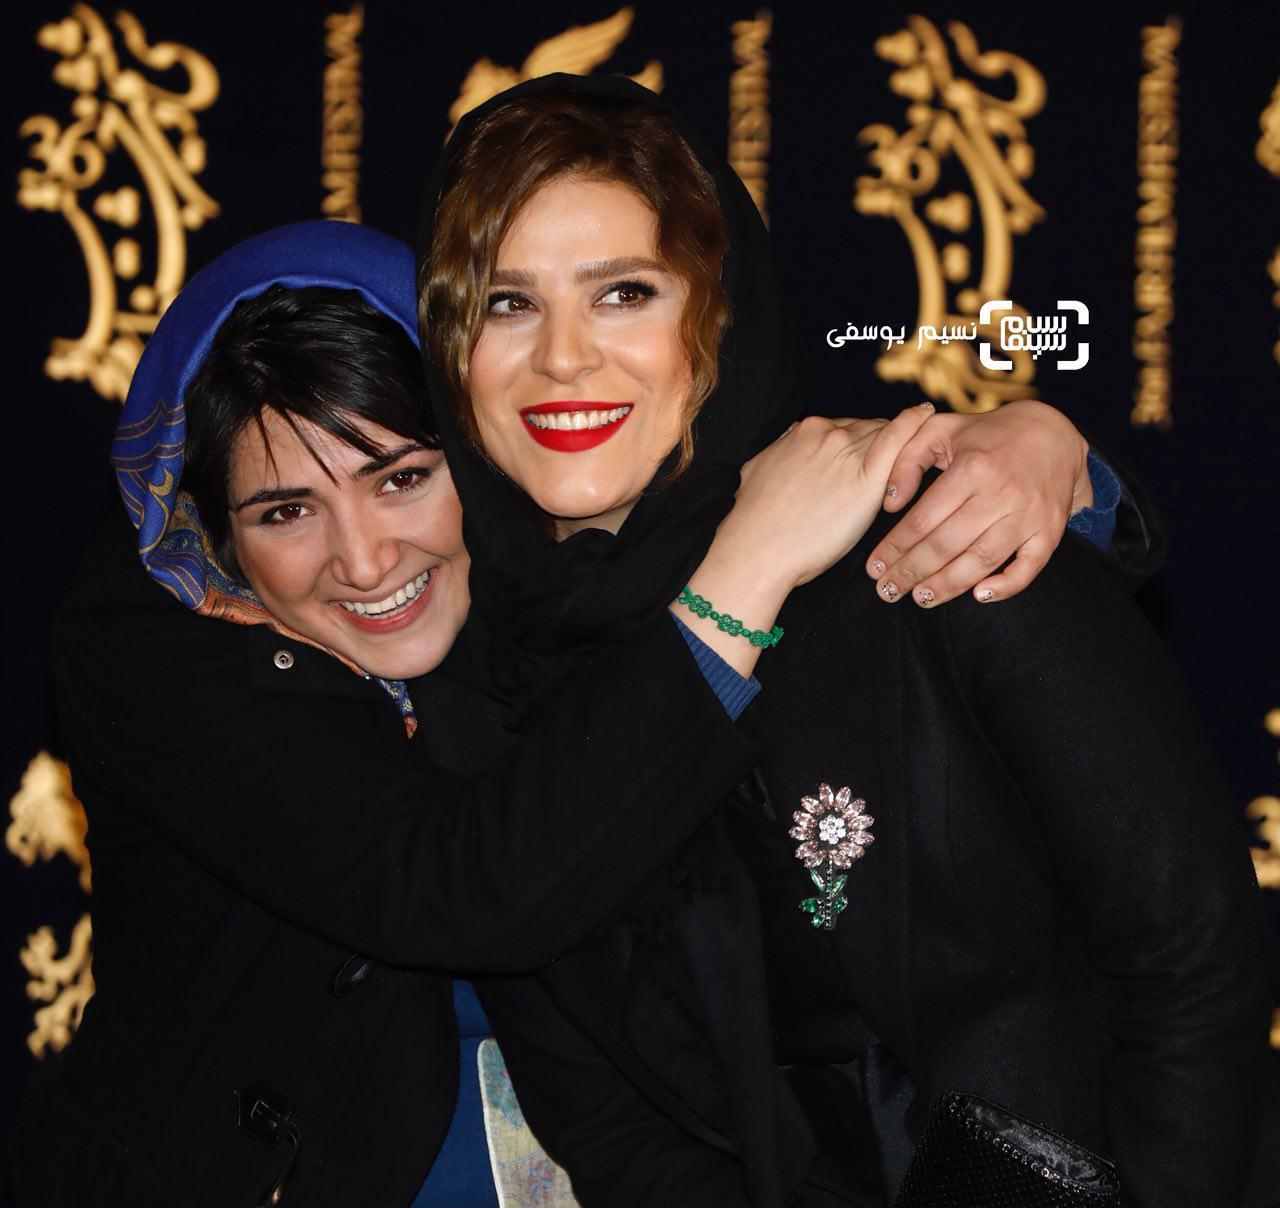 15 عکس برتر جشنواره فیلم فجر از قاب نسیم یوسفی/ باران کوثری و سحر دولتشاهی